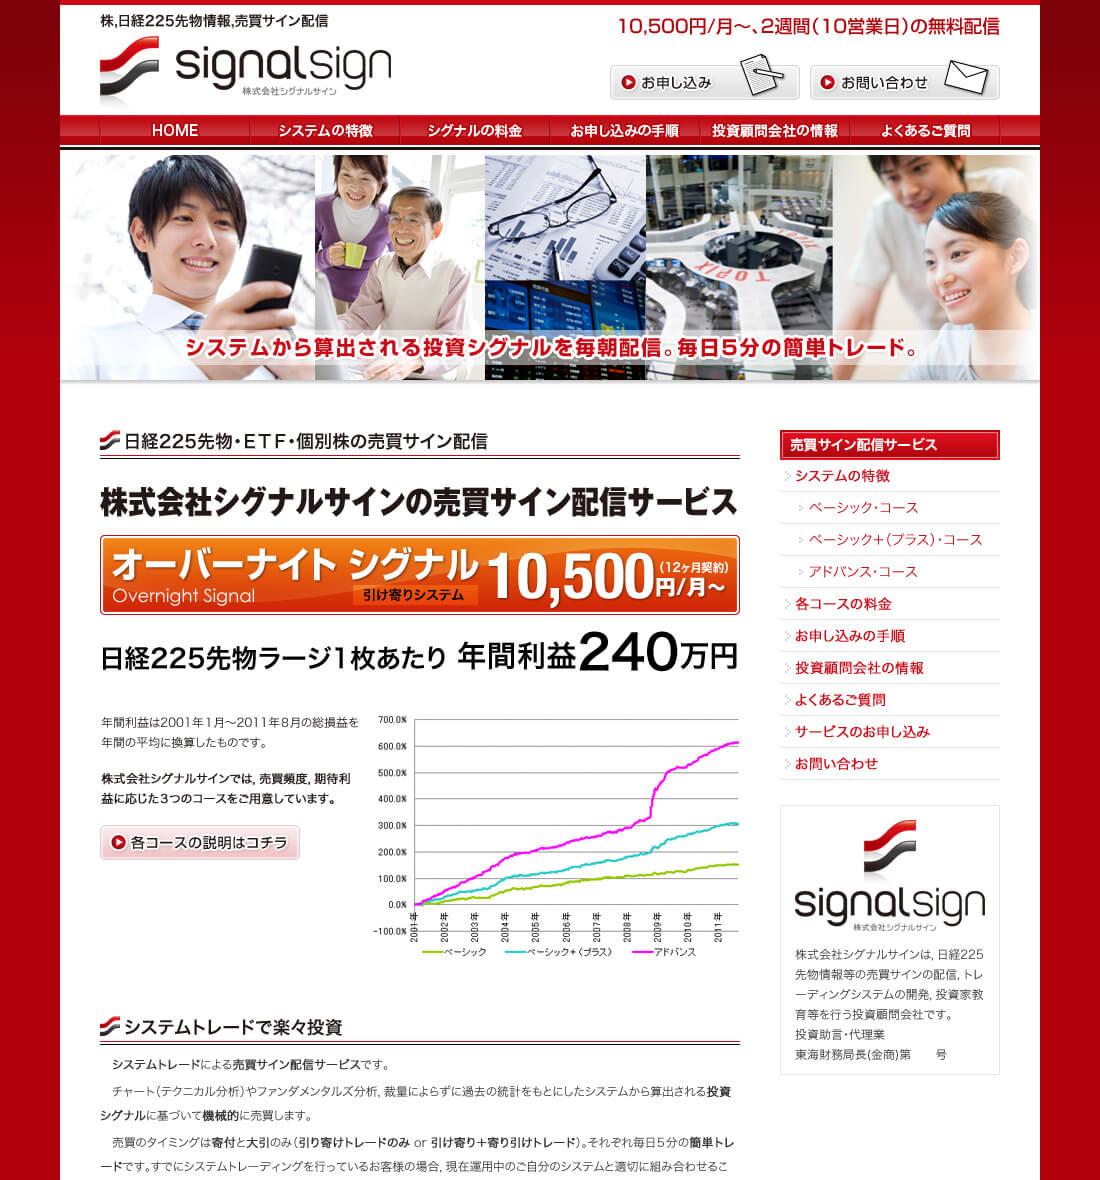 signalsign